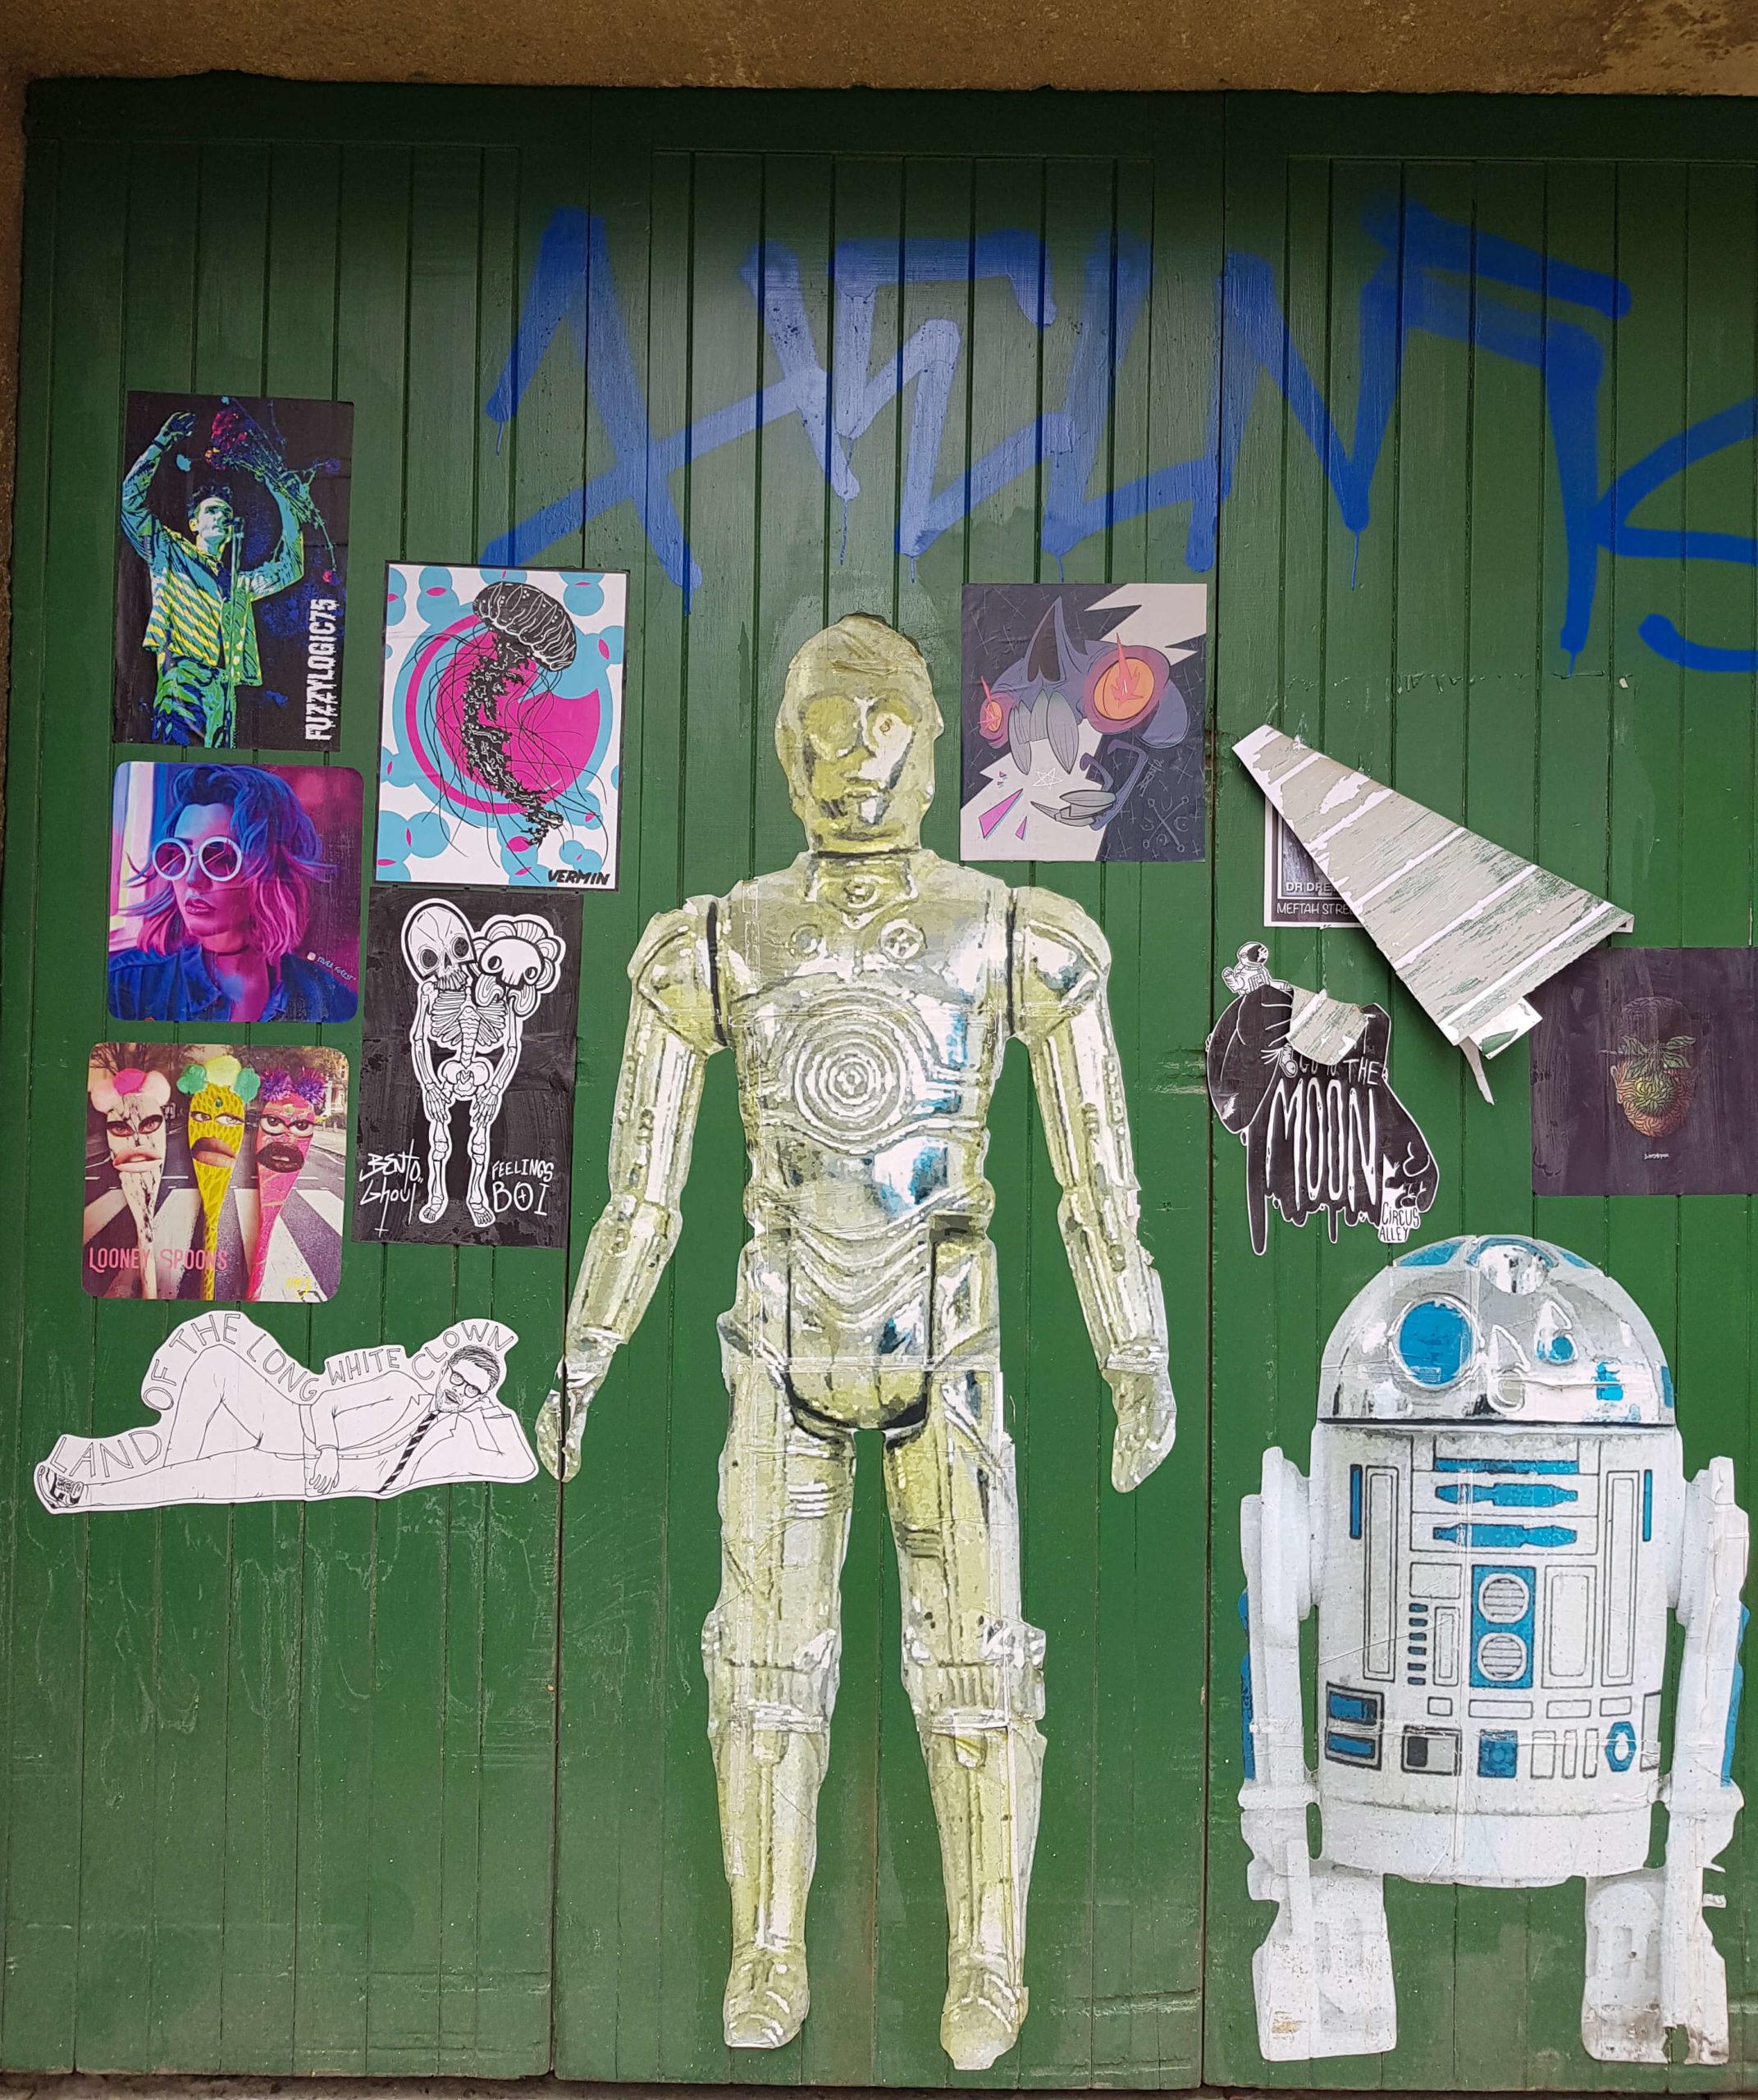 C3PO et R2D2 droïd Star wars street art trail Dunedin